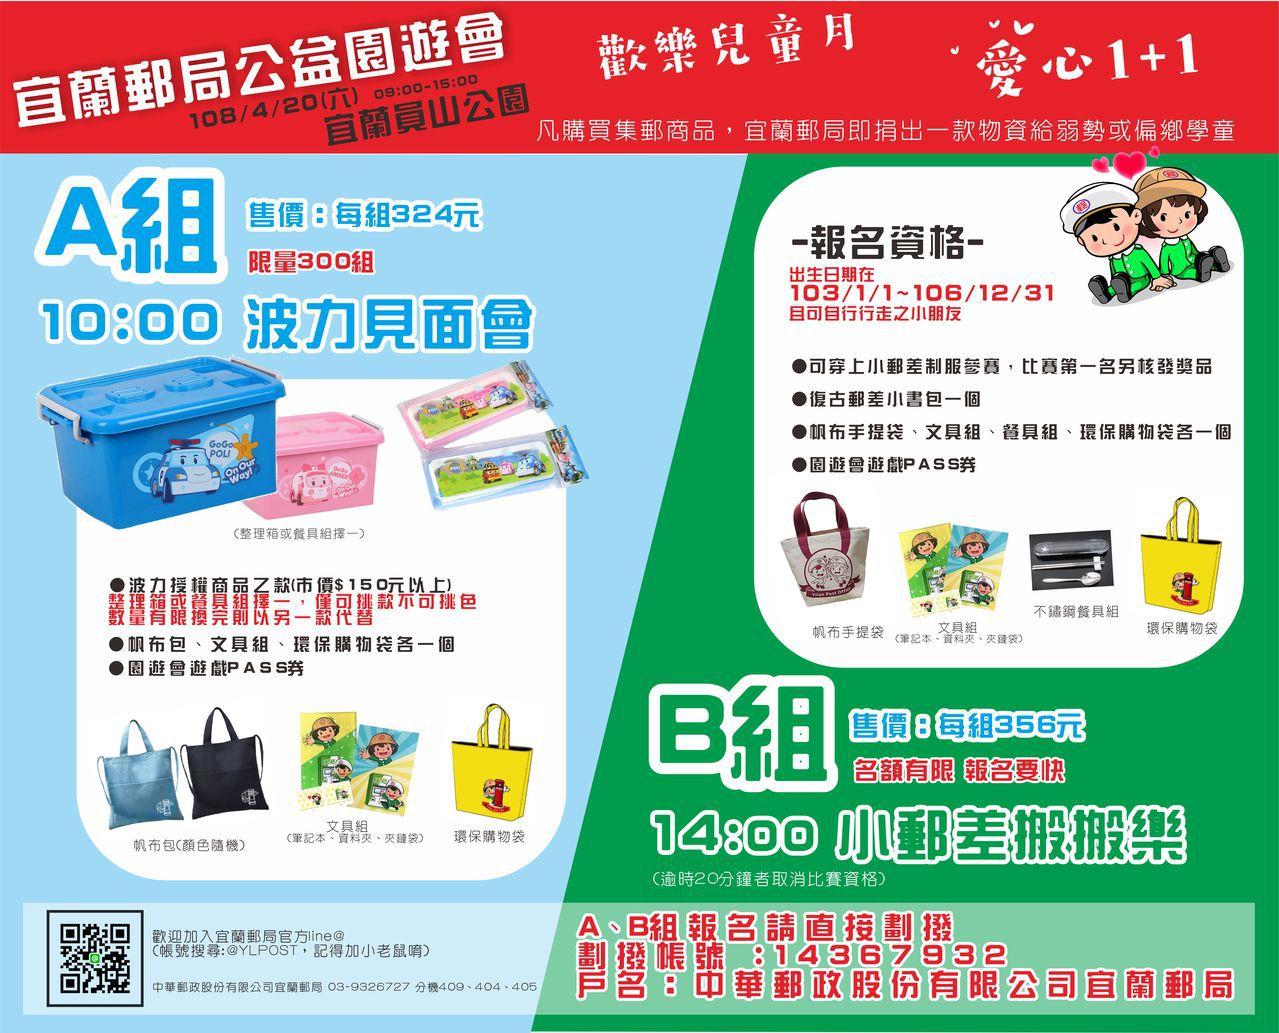 民眾只要預購一組集郵商品,郵局就會同時捐出一款文具用品給弱勢或偏鄉兒童,不僅能一...